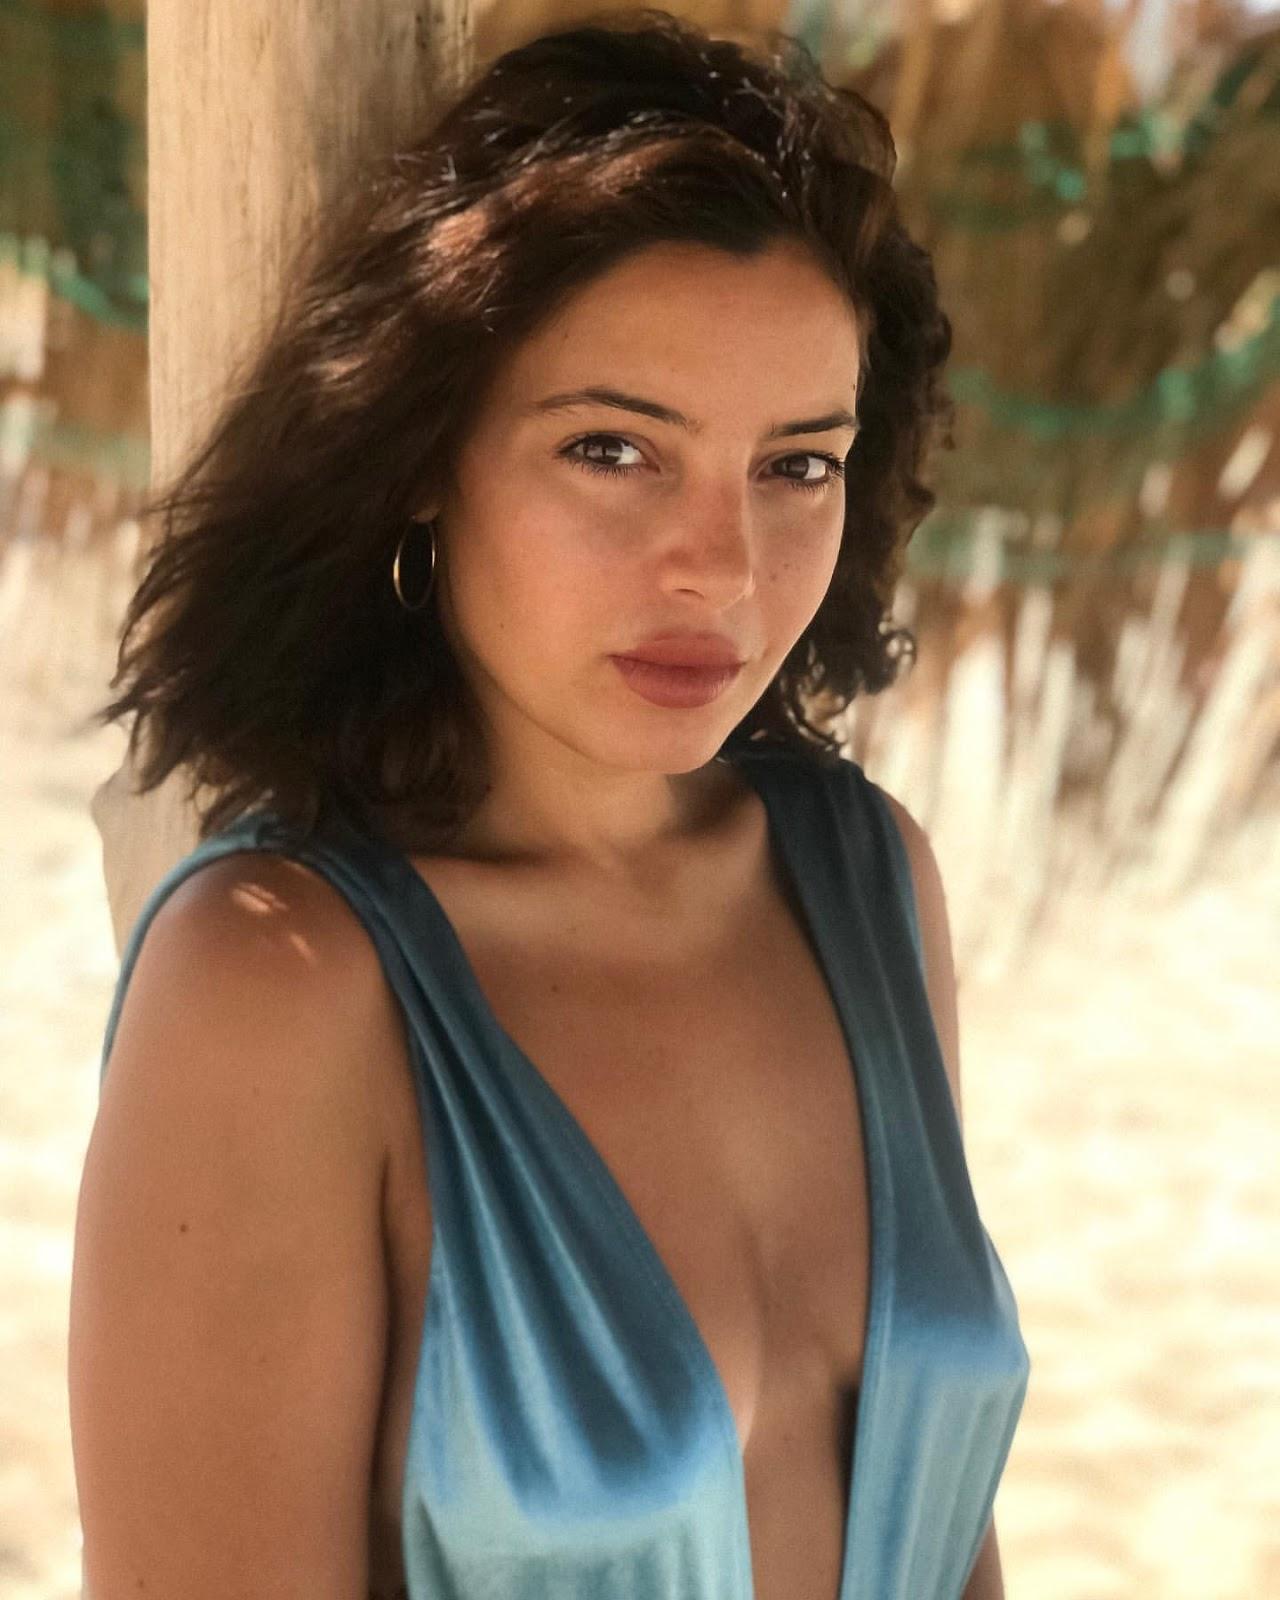 Martina Difonte